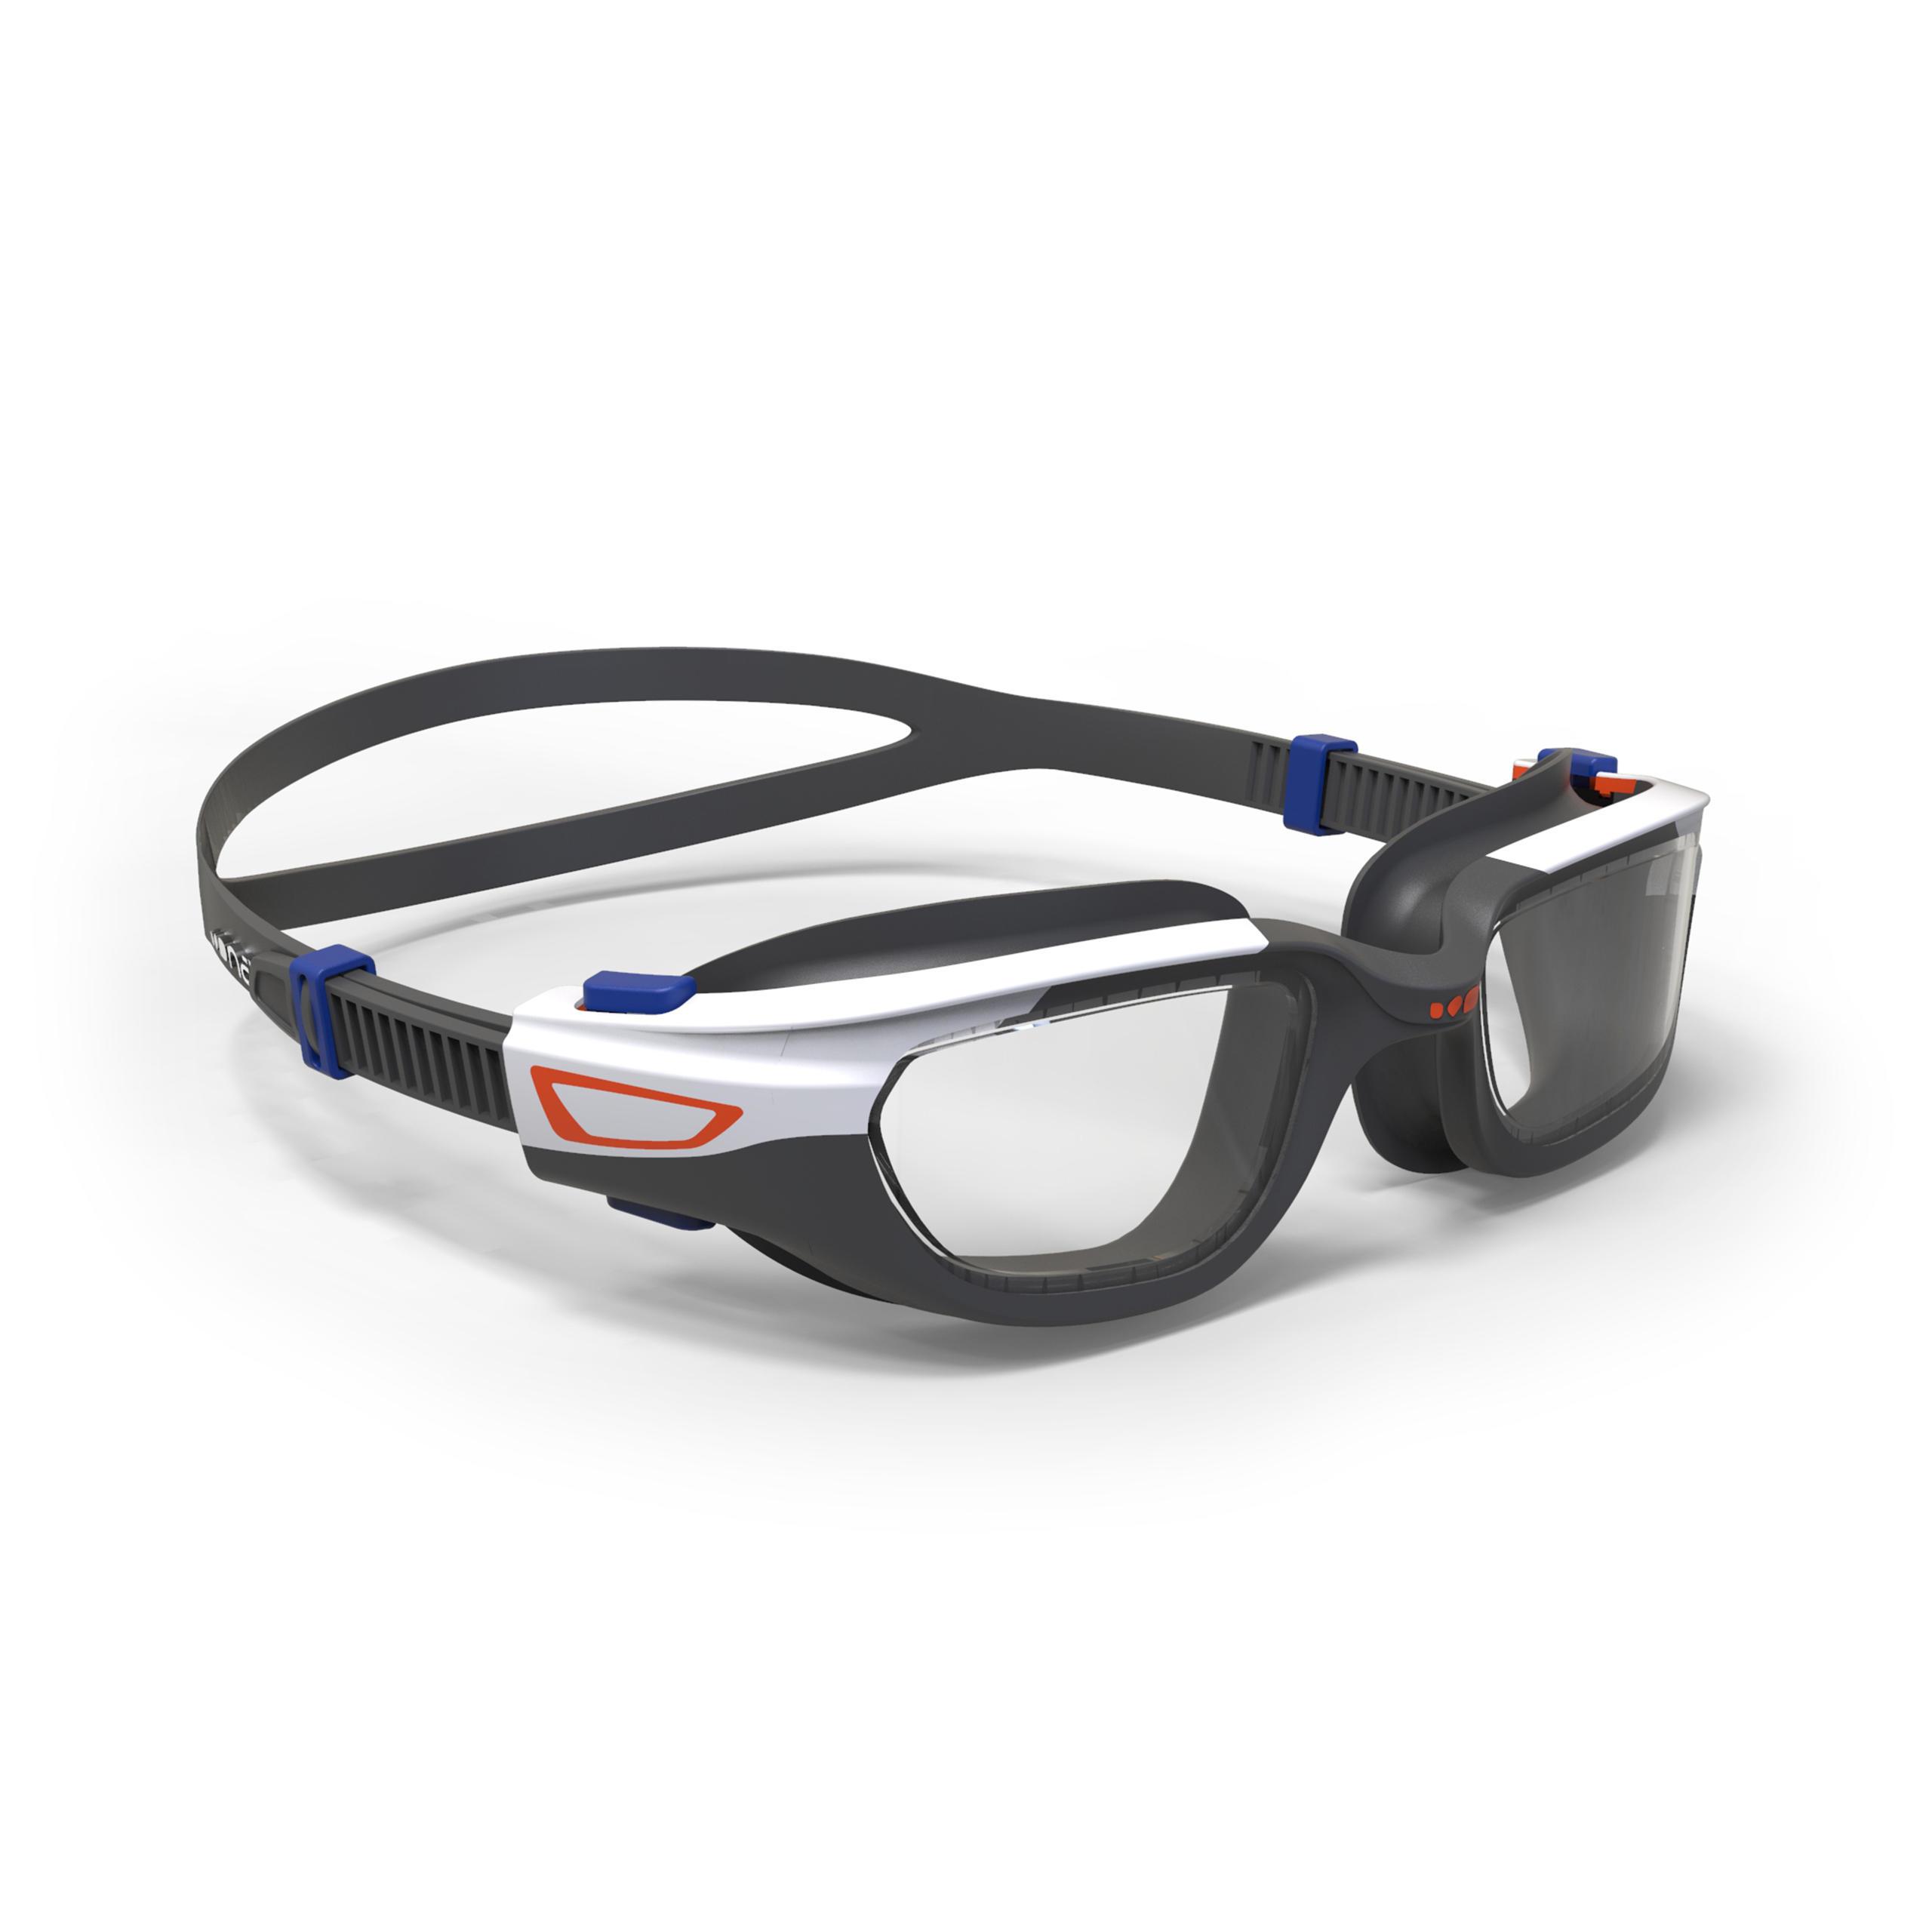 60df50cccc4557 Nabaiji Zwembrillletje 500 Spirit maat S zwart blauw getinte glazen |  Decathlon.nl